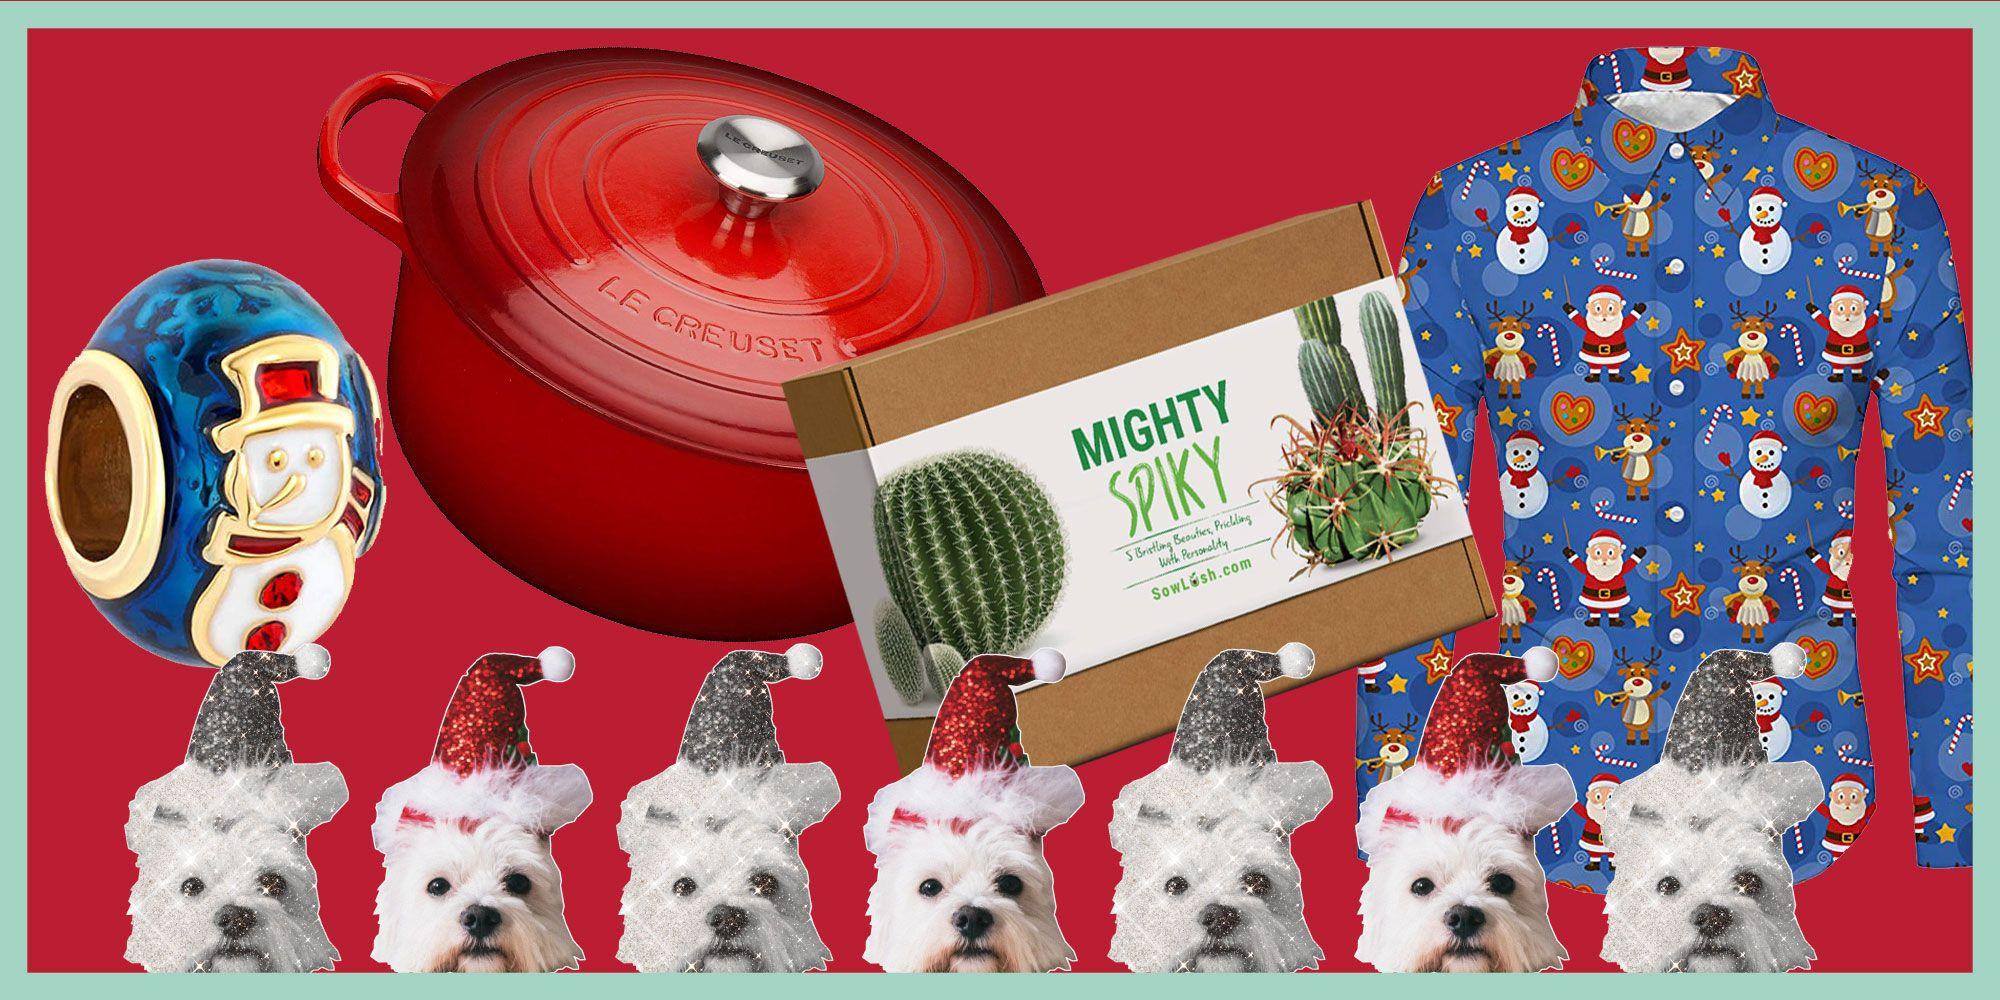 Amazon, le offerte per i Regali di Natale 2019 che salveranno la tua gift list anche last minute